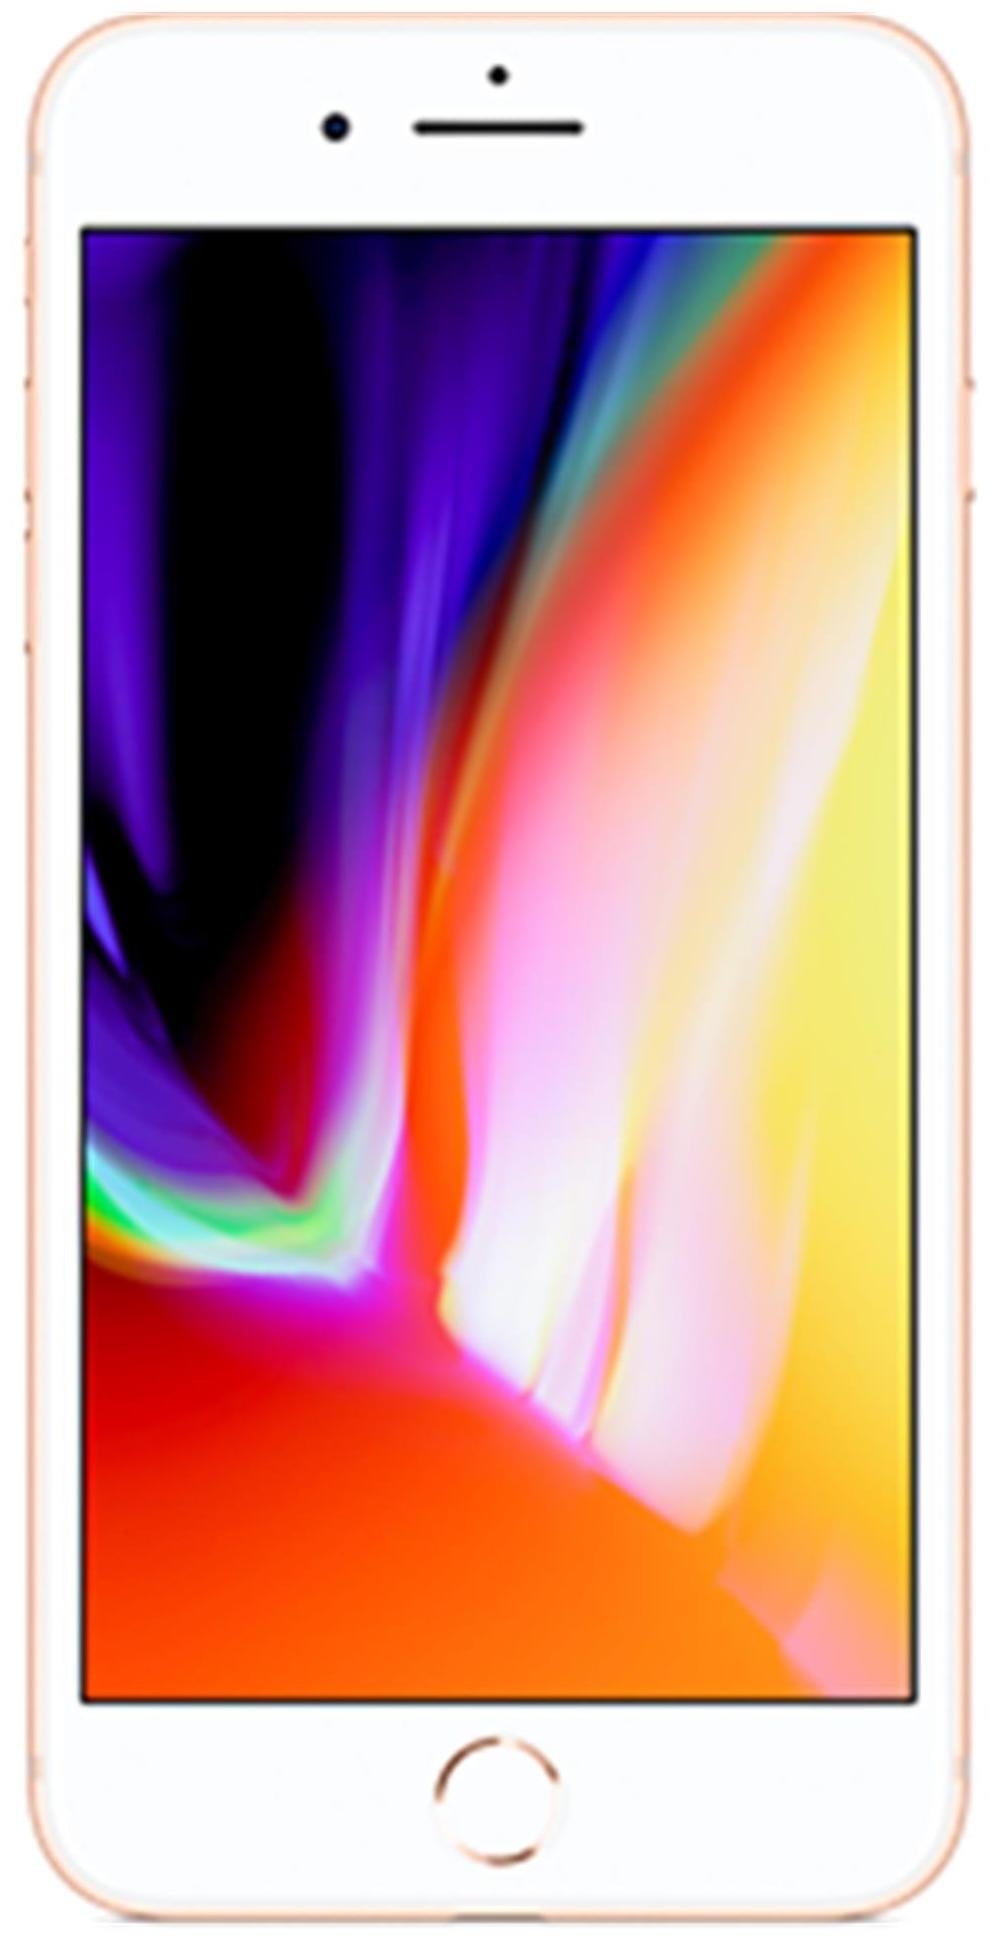 एप्पल आईफ़ोन 8 प्लस 64 जीबी (गोल्ड)